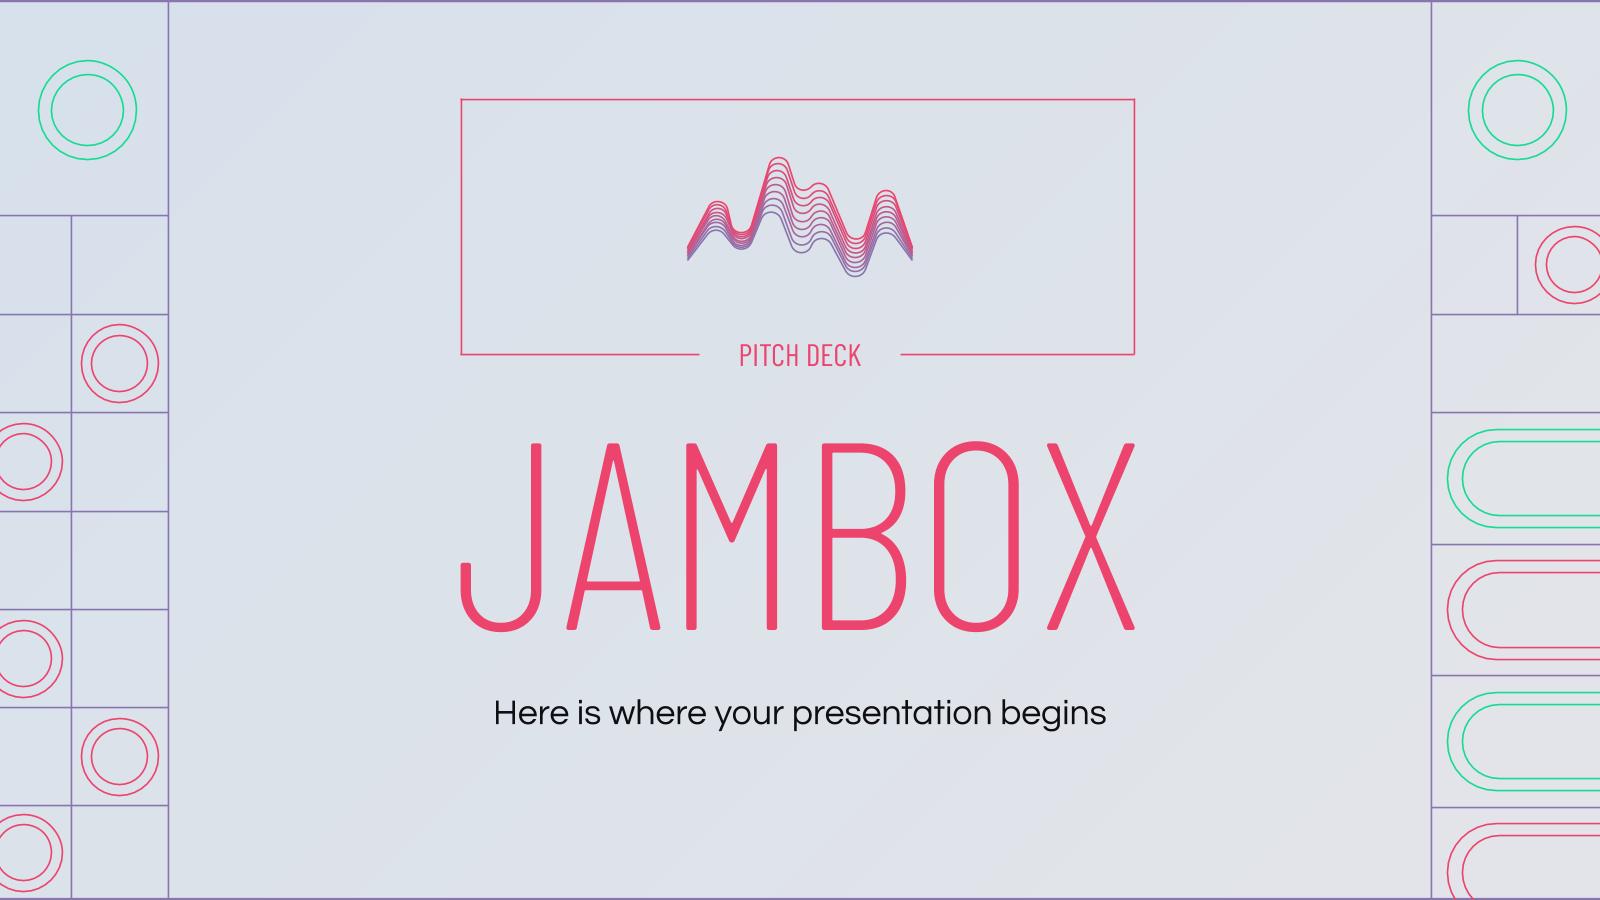 Plantilla de presentación Pitch deck Jambox